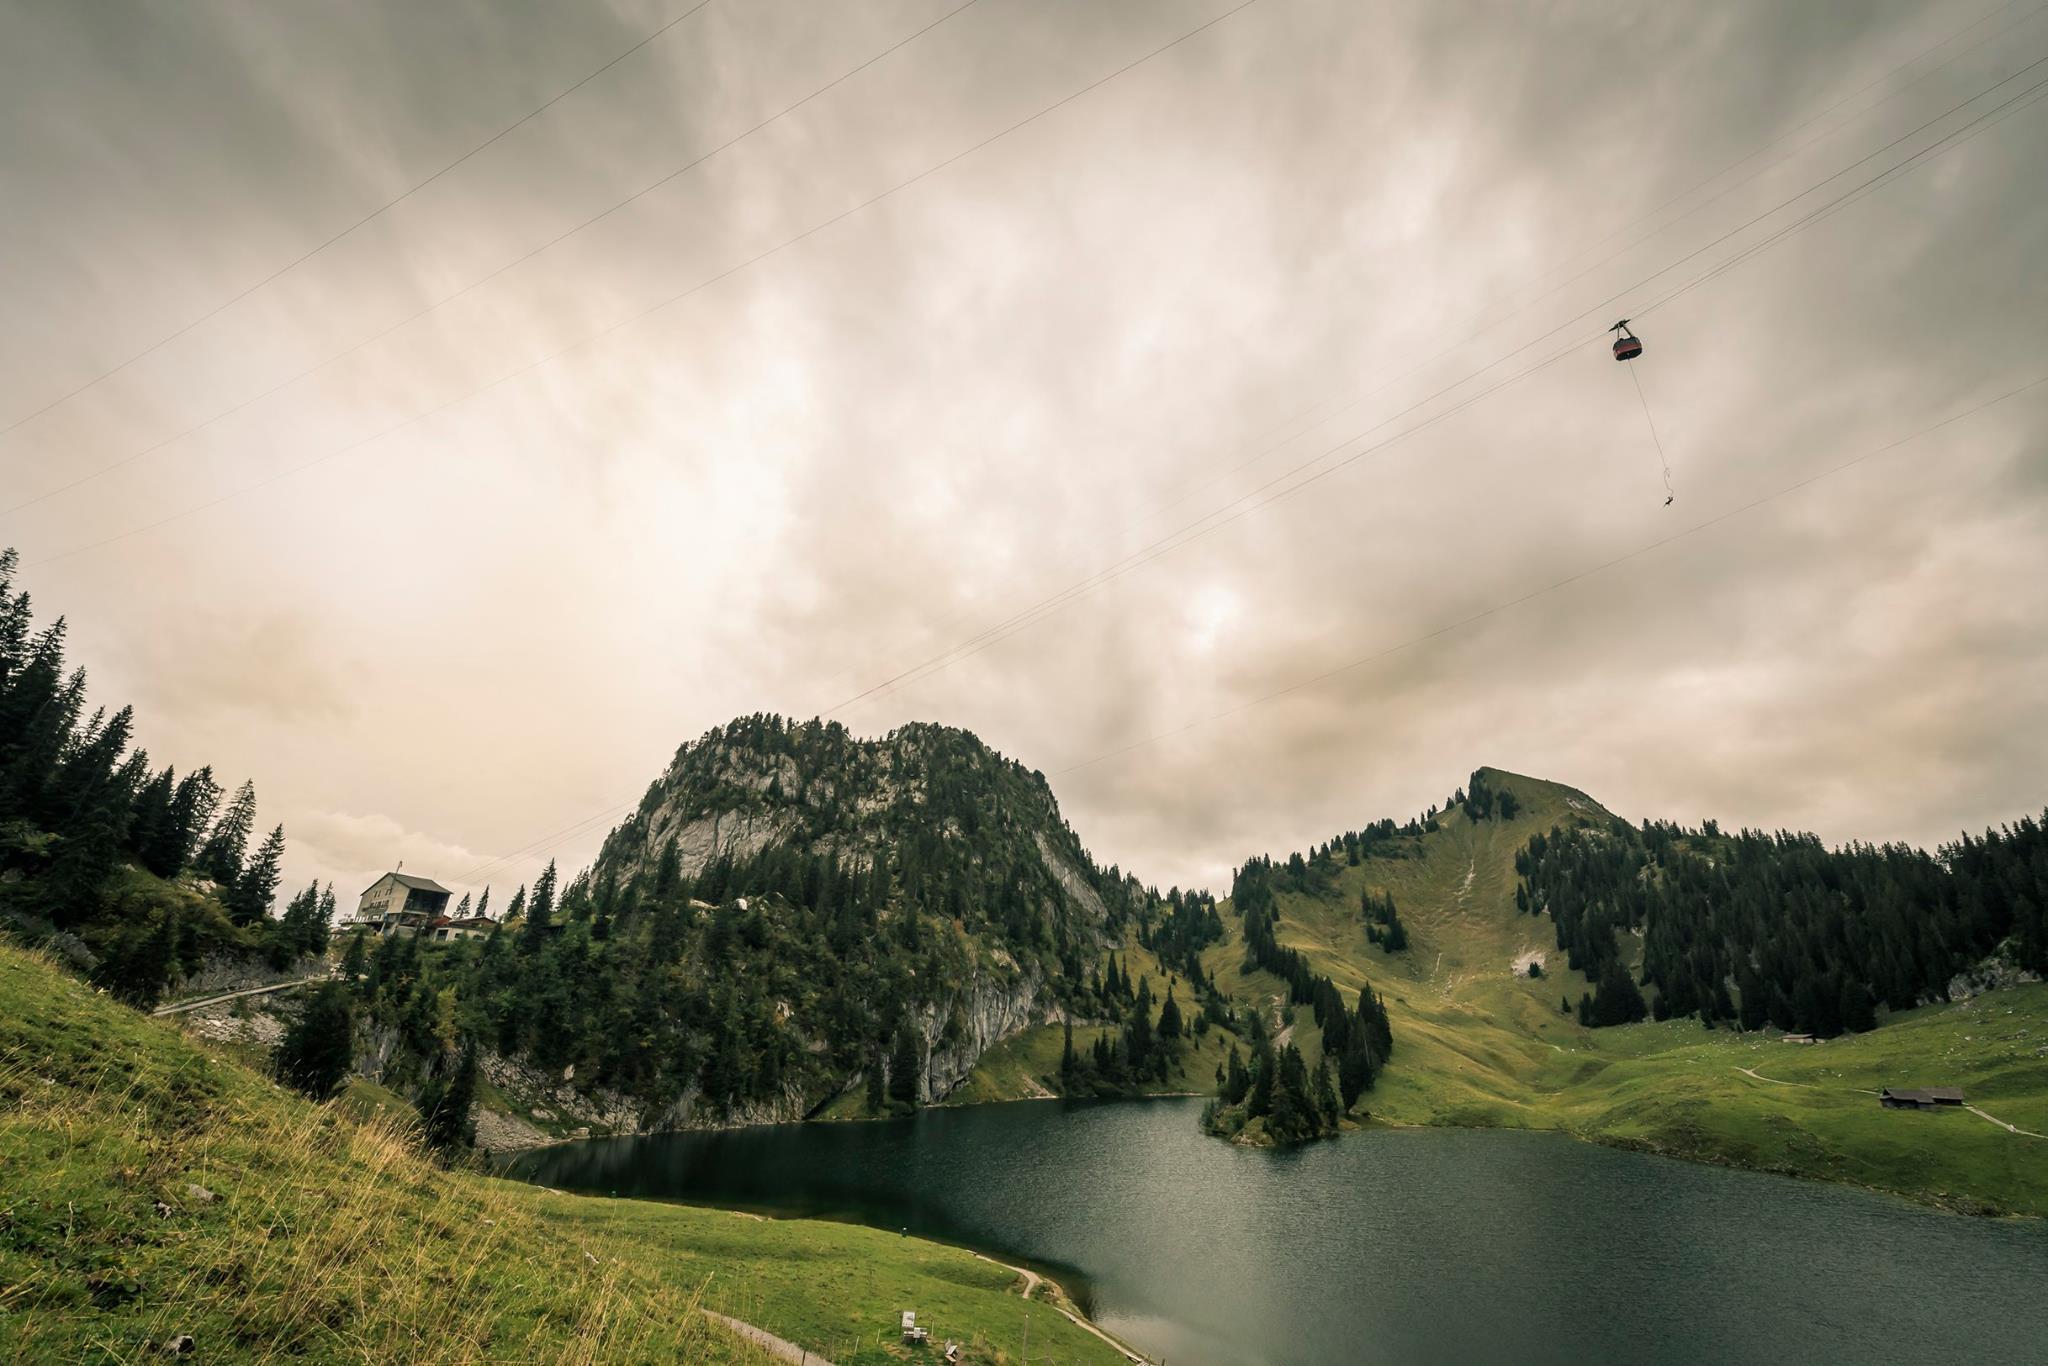 hiking the north face mountain festival deportes de montaña turismo activo outdoor trail running sports suiza escapadas activas